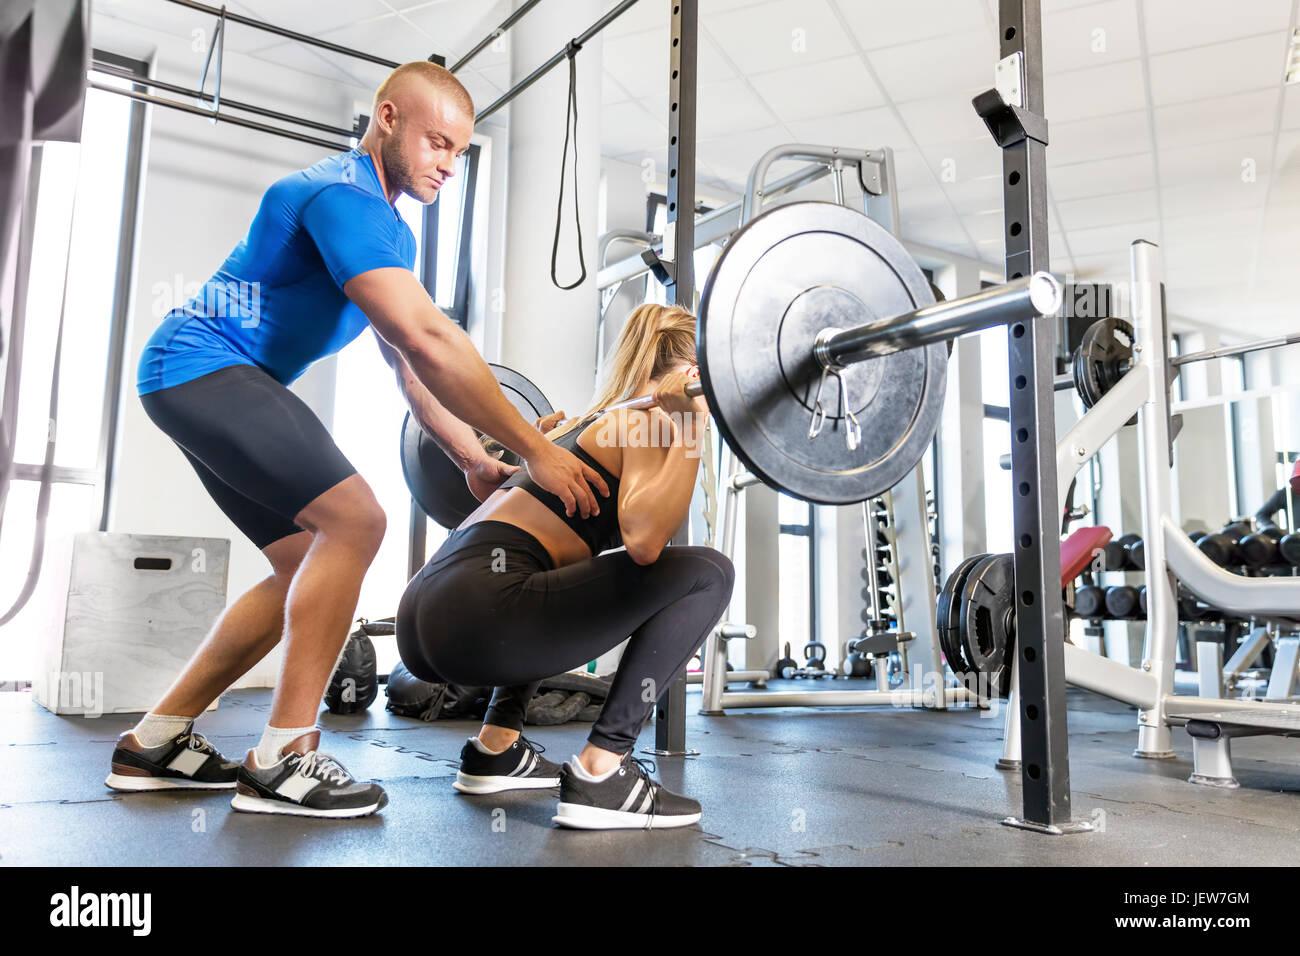 Entrenador personal trabajando con un cliente en el gimnasio. La Halterofilia workout asistencia y motivación. Imagen De Stock